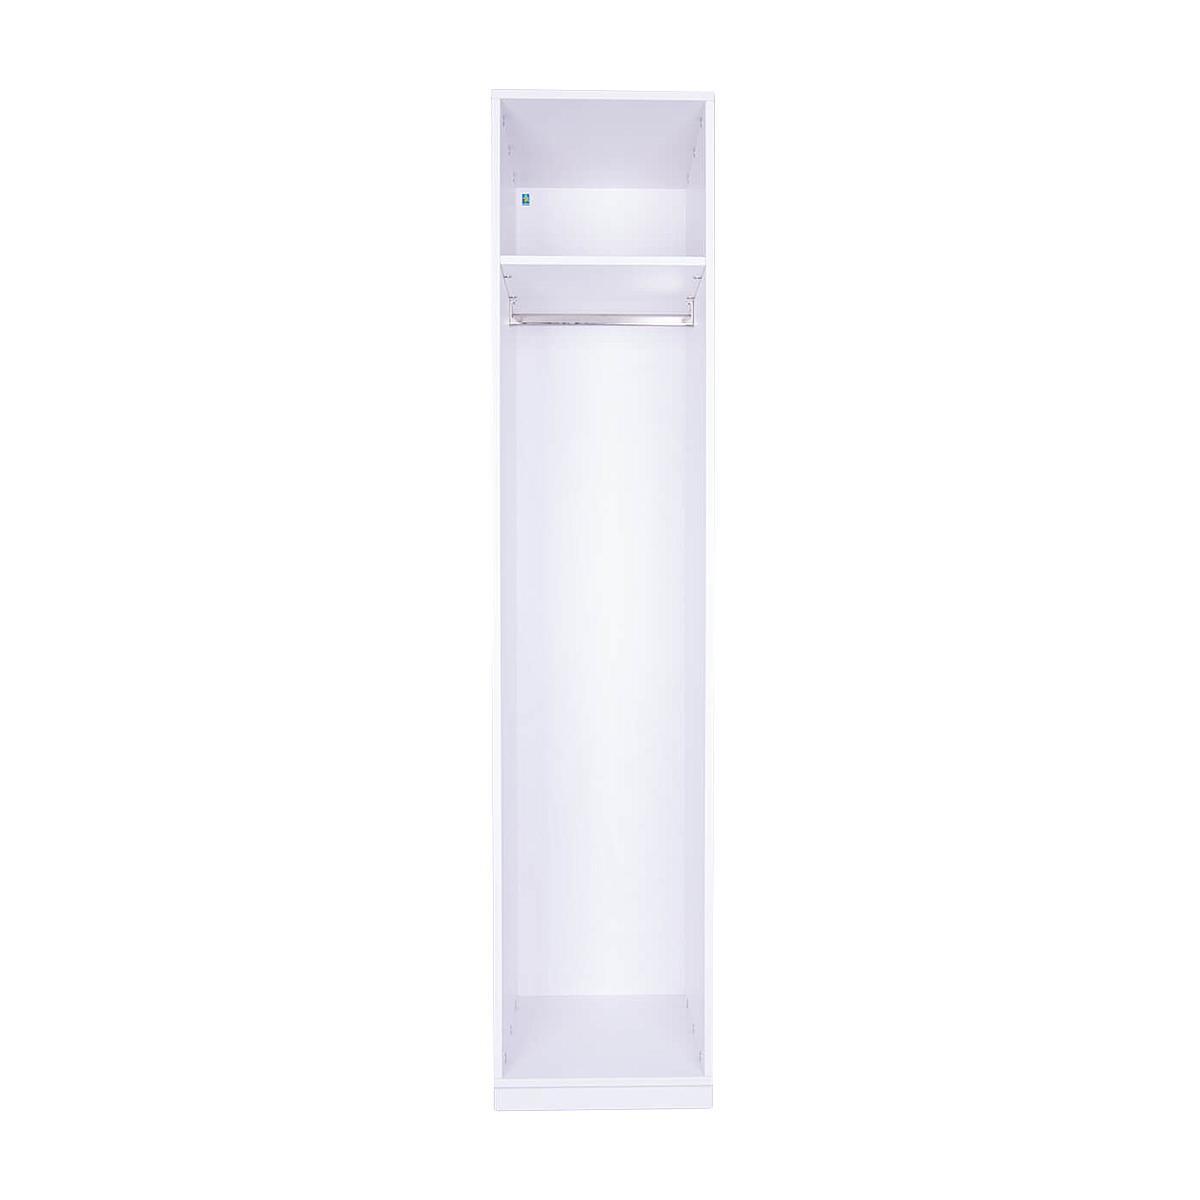 Kleiderschrank 1-türig hoch 219x48x60cm ohne Türen DESTYLE de Breuyn Buchenfurnierte Spanplatte weiß gebeizt-lackiert